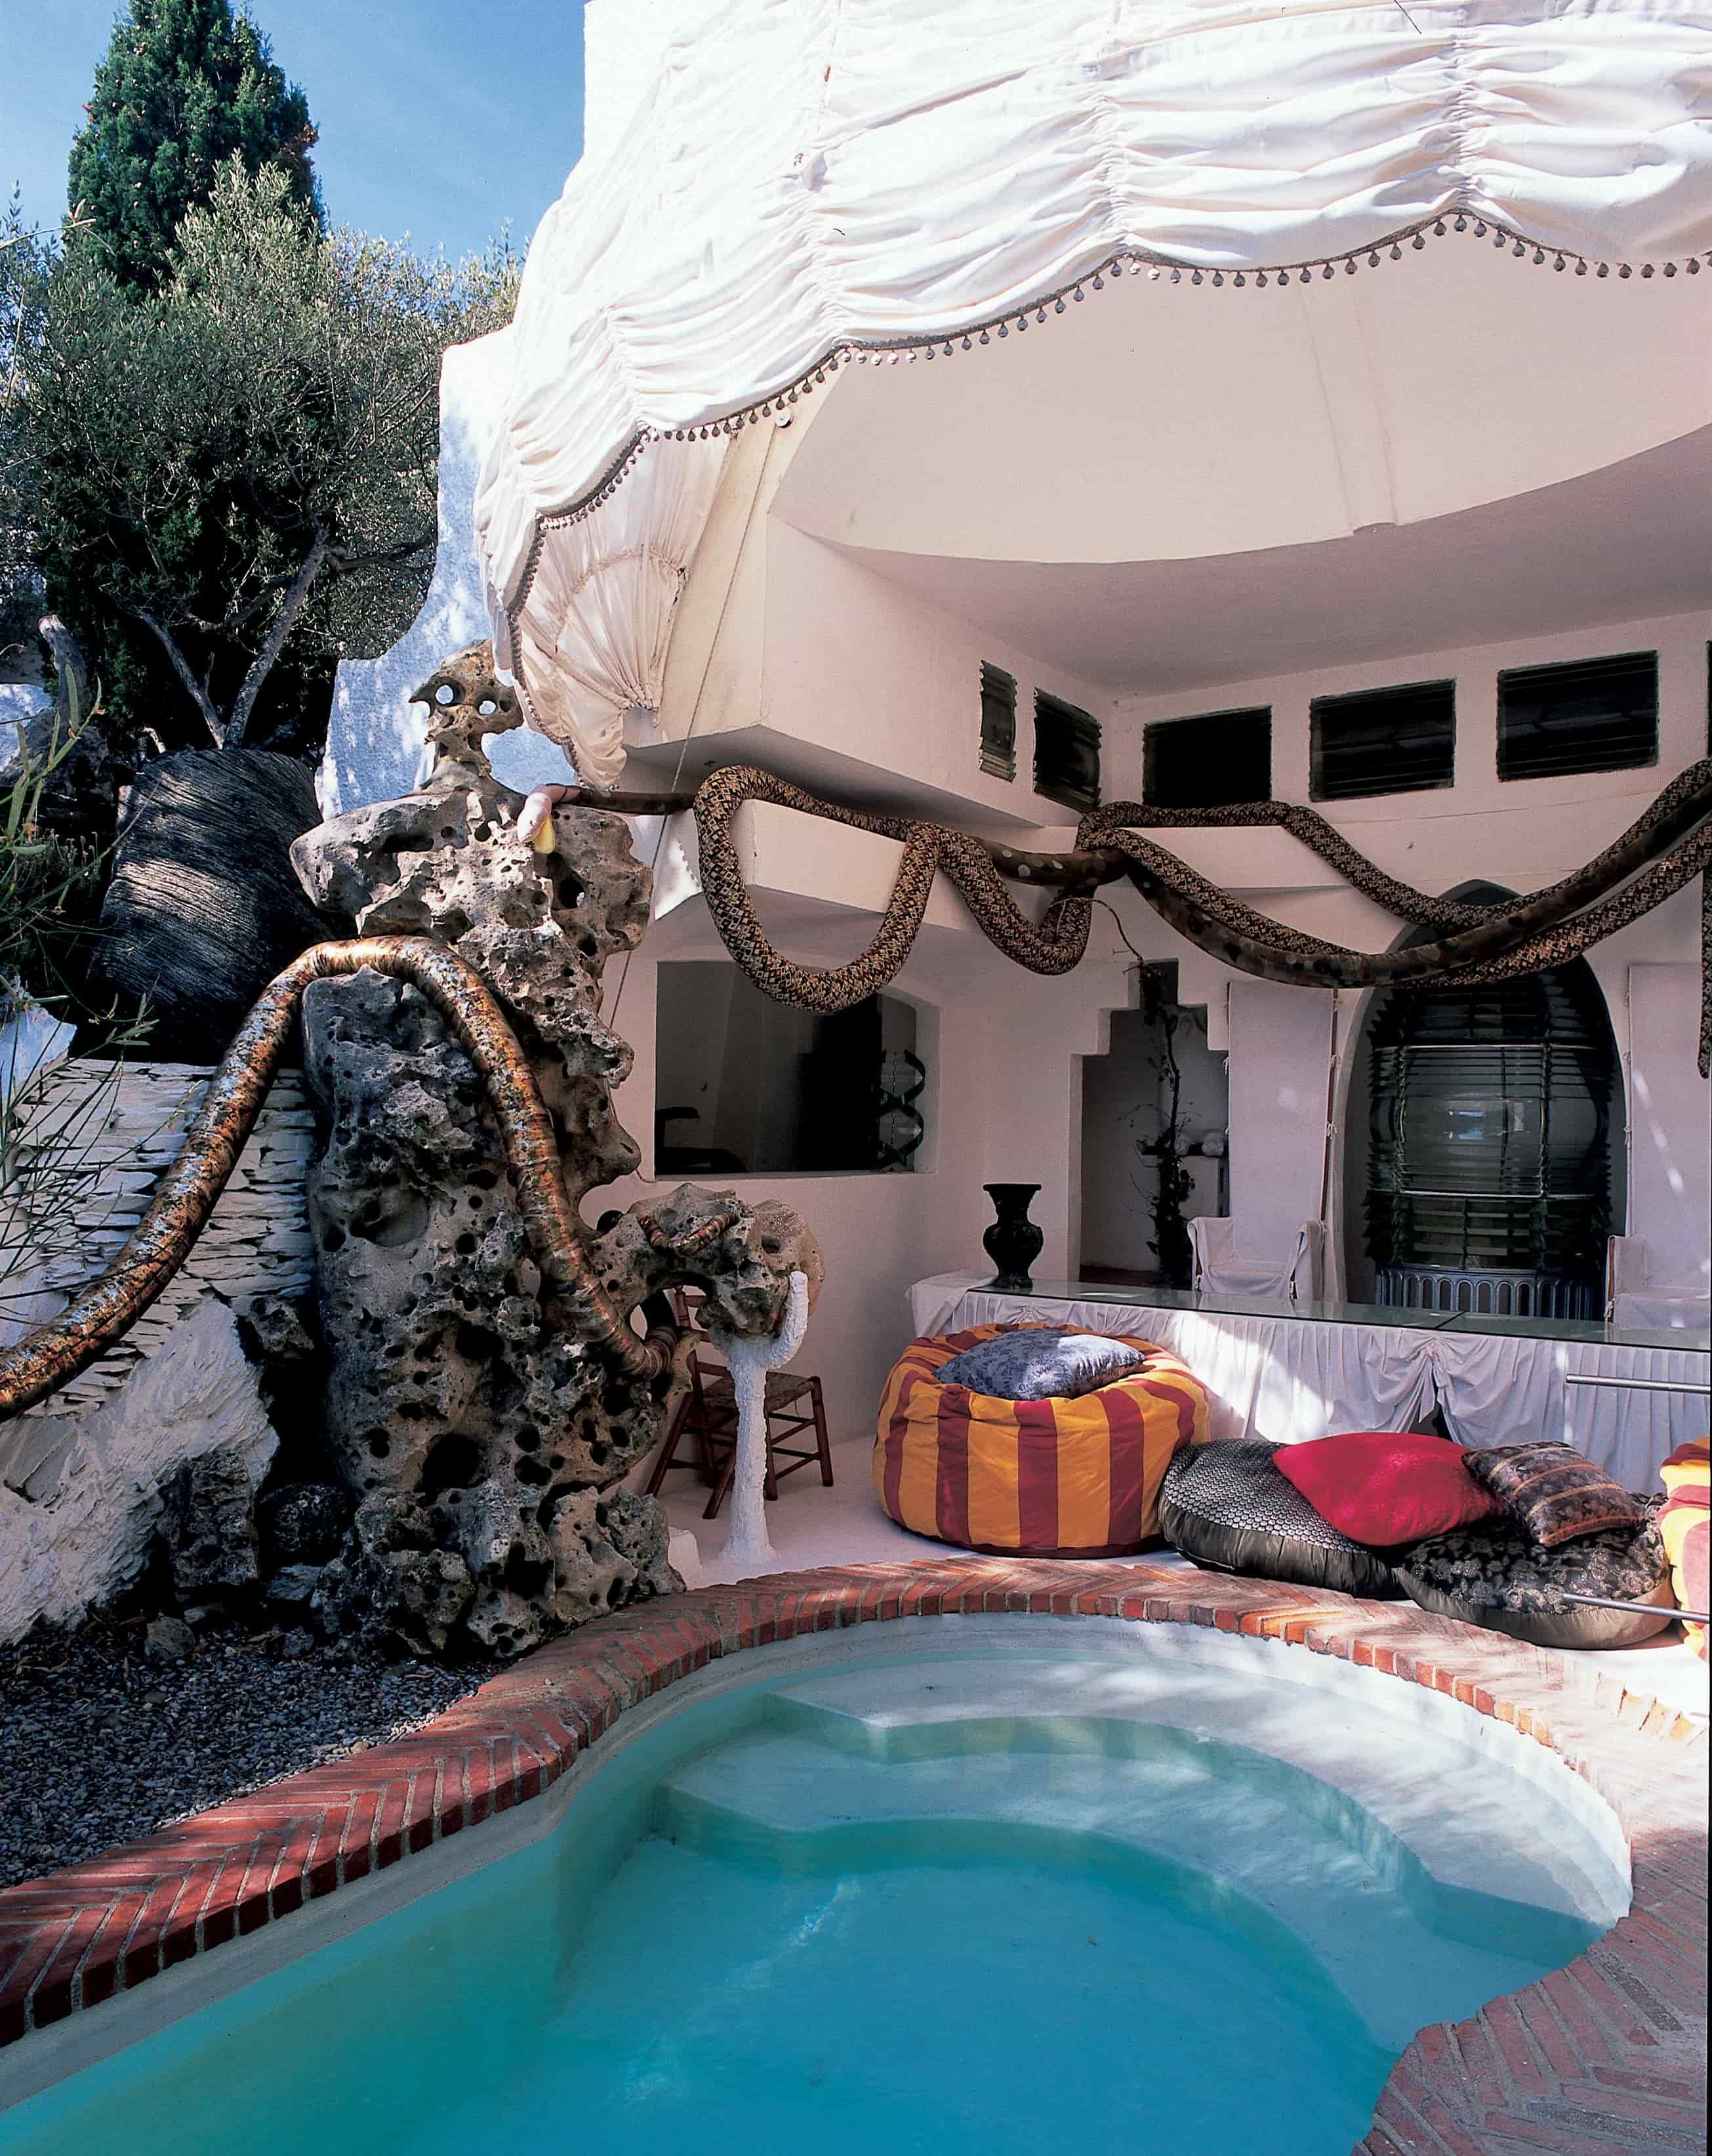 Balade à la rencontre de la Costa Brava de Dalí - Catalunya Experience